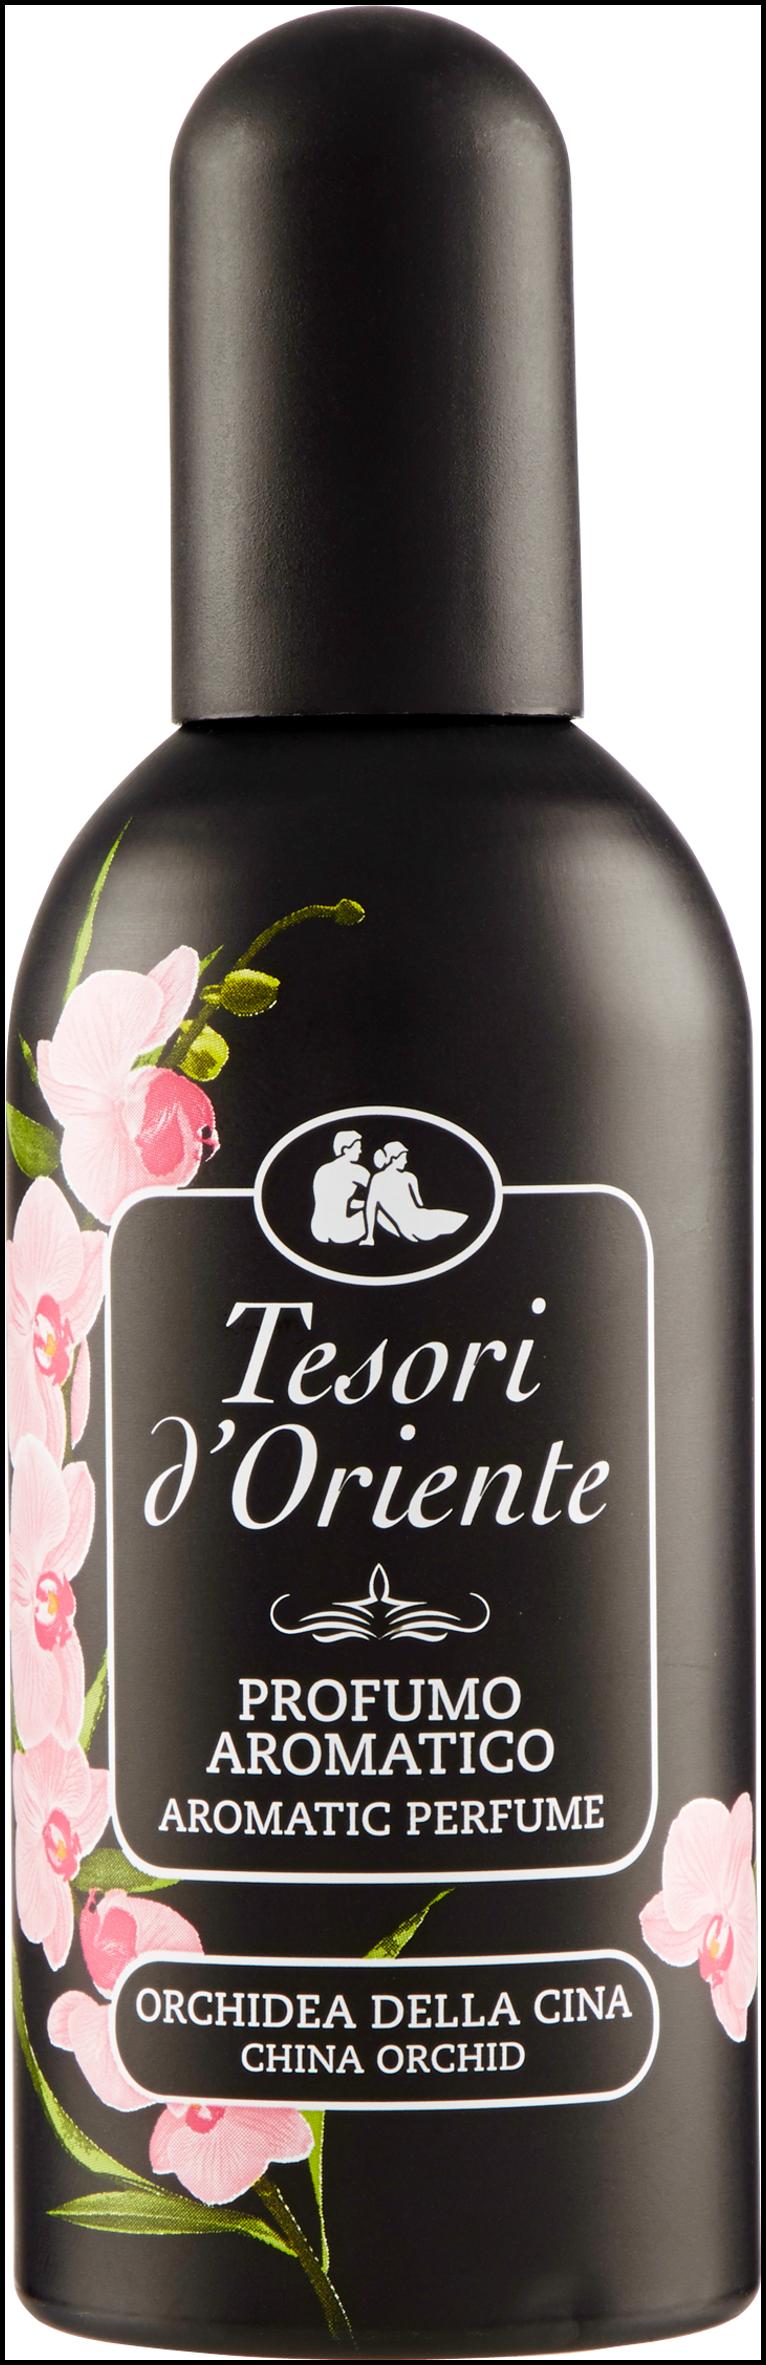 PROF.TESORI D'ORIEN.ML. 100 ORCHIDEA CIN